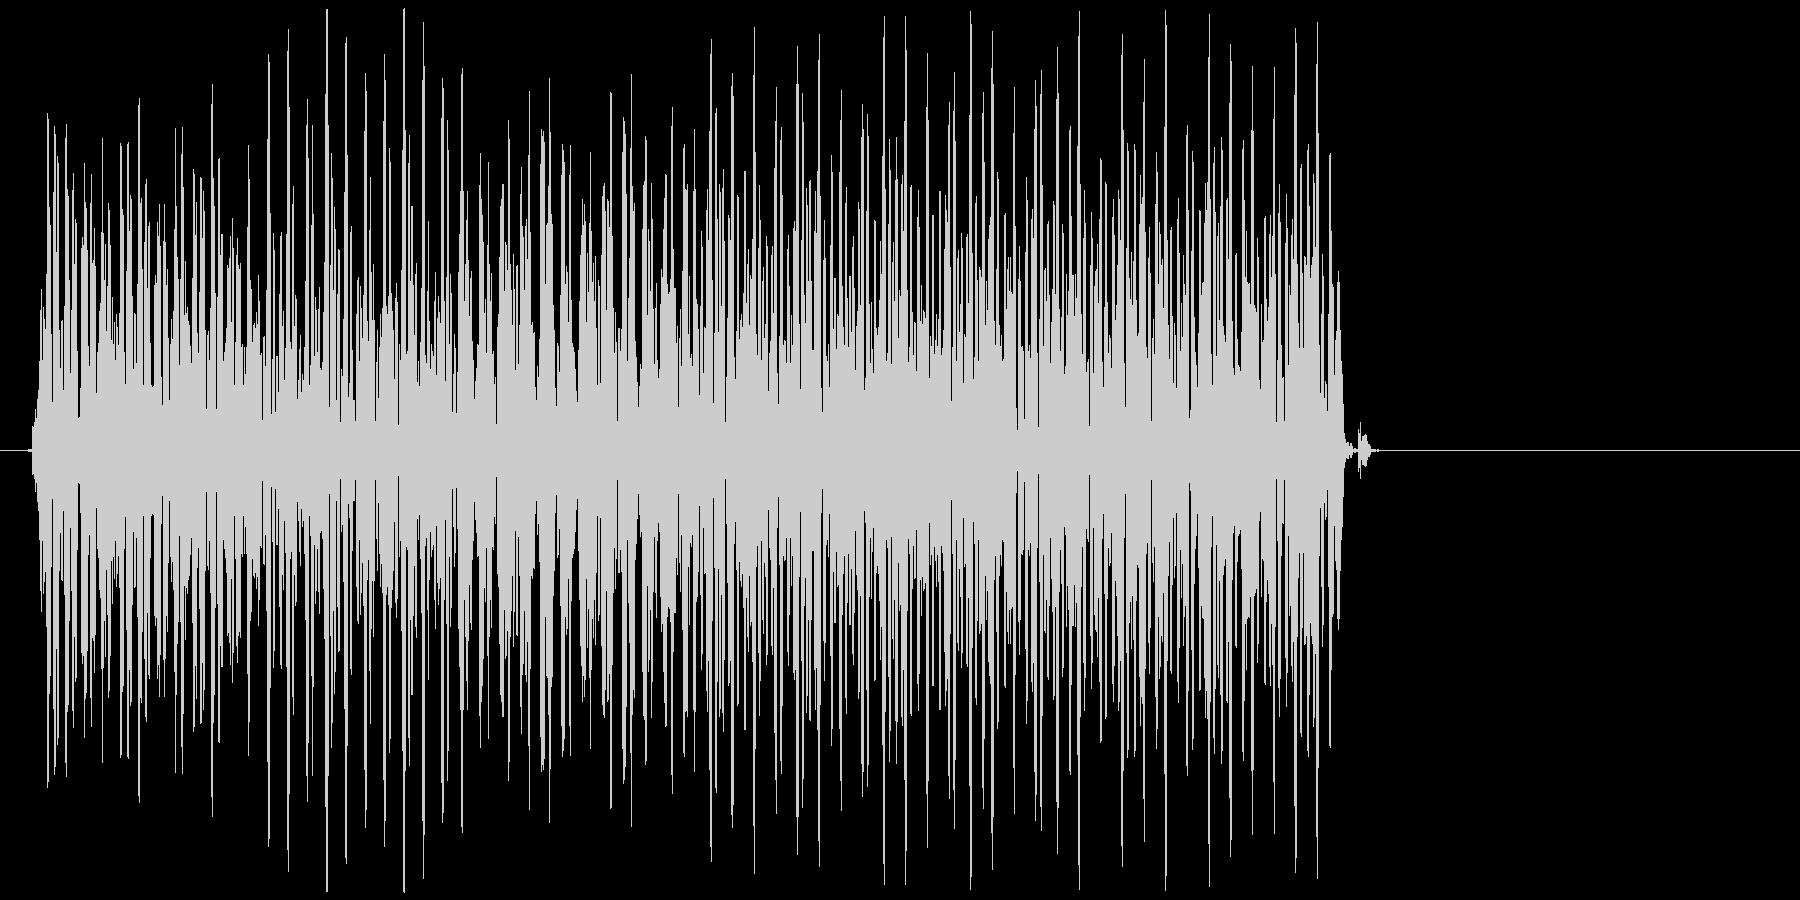 デレレレー↓(不正解、バツ、クイズ)の未再生の波形